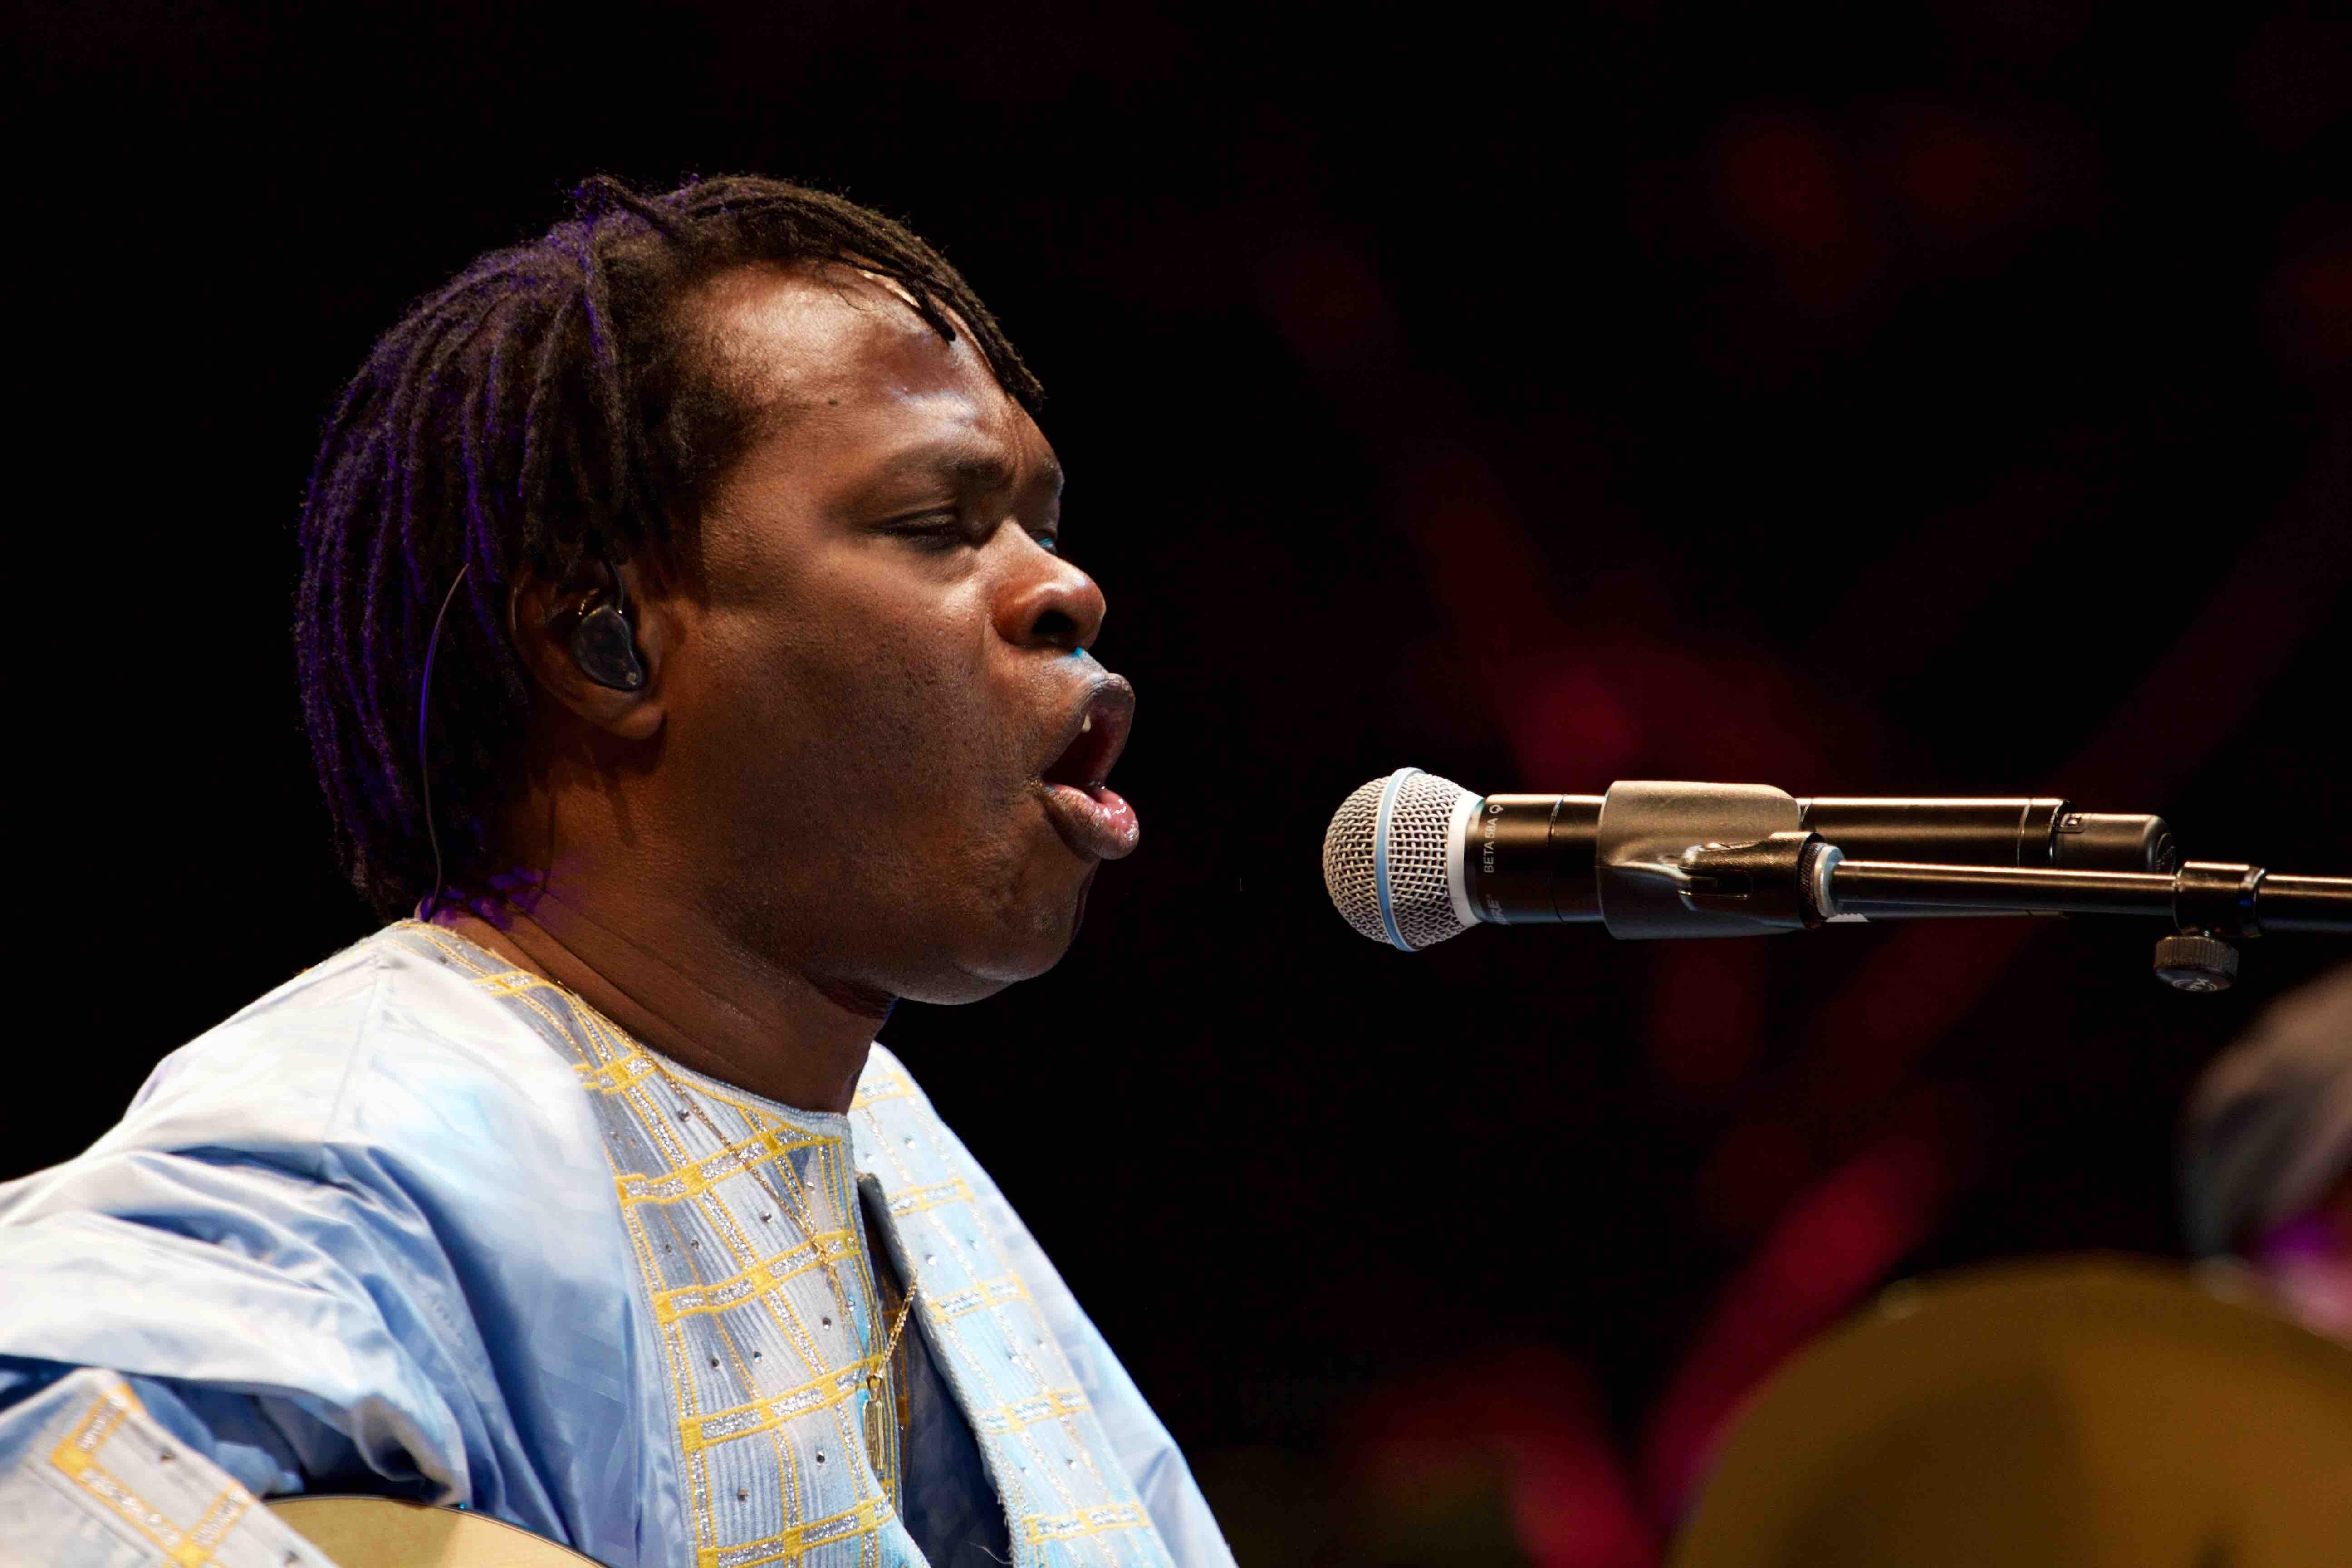 """Baaba Maal at KRCW/Annenberg's """"Sound In Focus"""" 7/16/16. Photo by Derrick K. Lee, Esq. (@Methodman13)"""